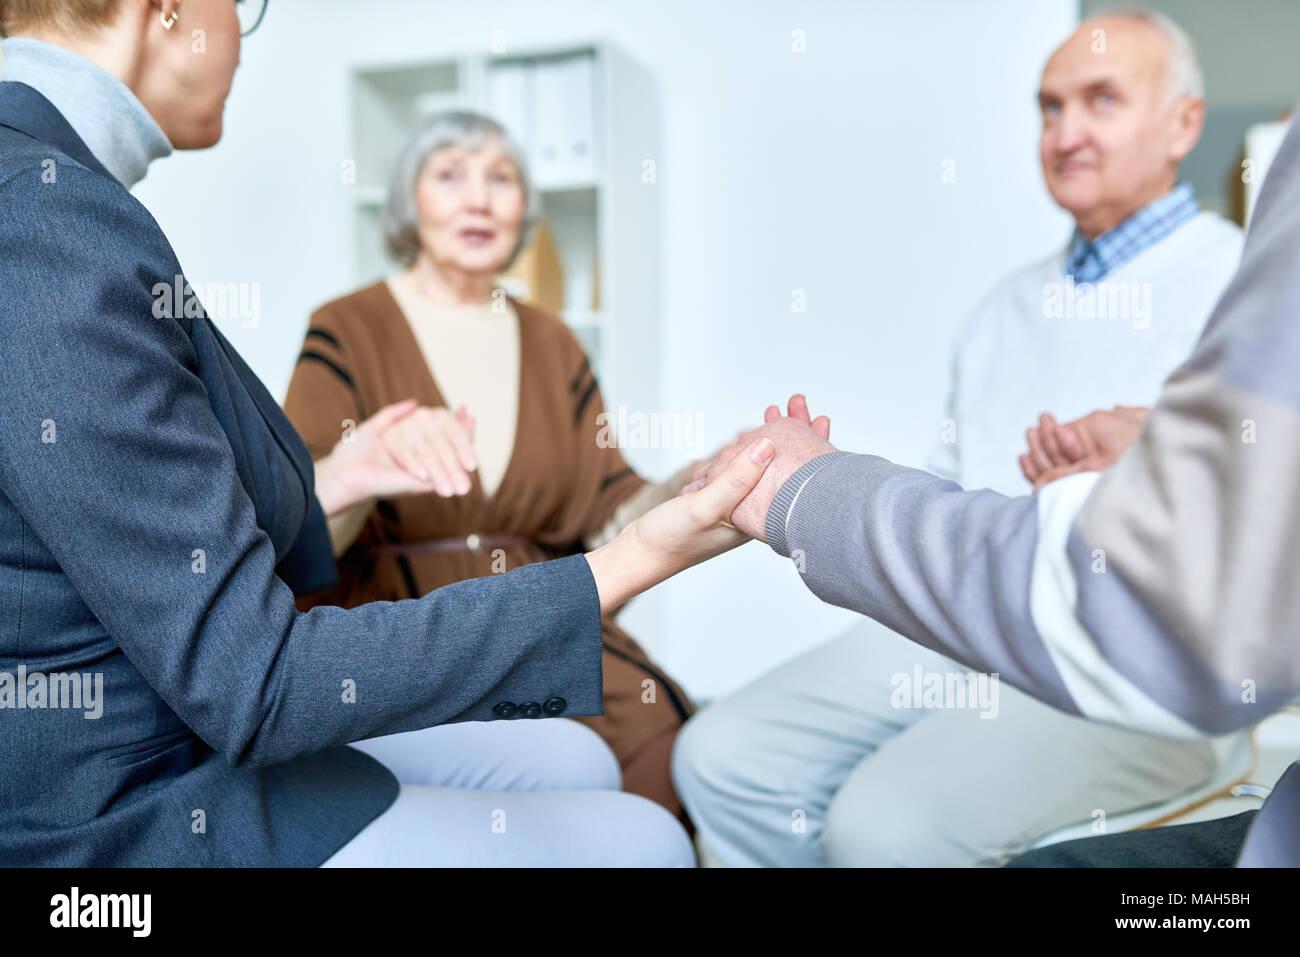 Sesiones de terapia de apoyo para personas mayores Imagen De Stock